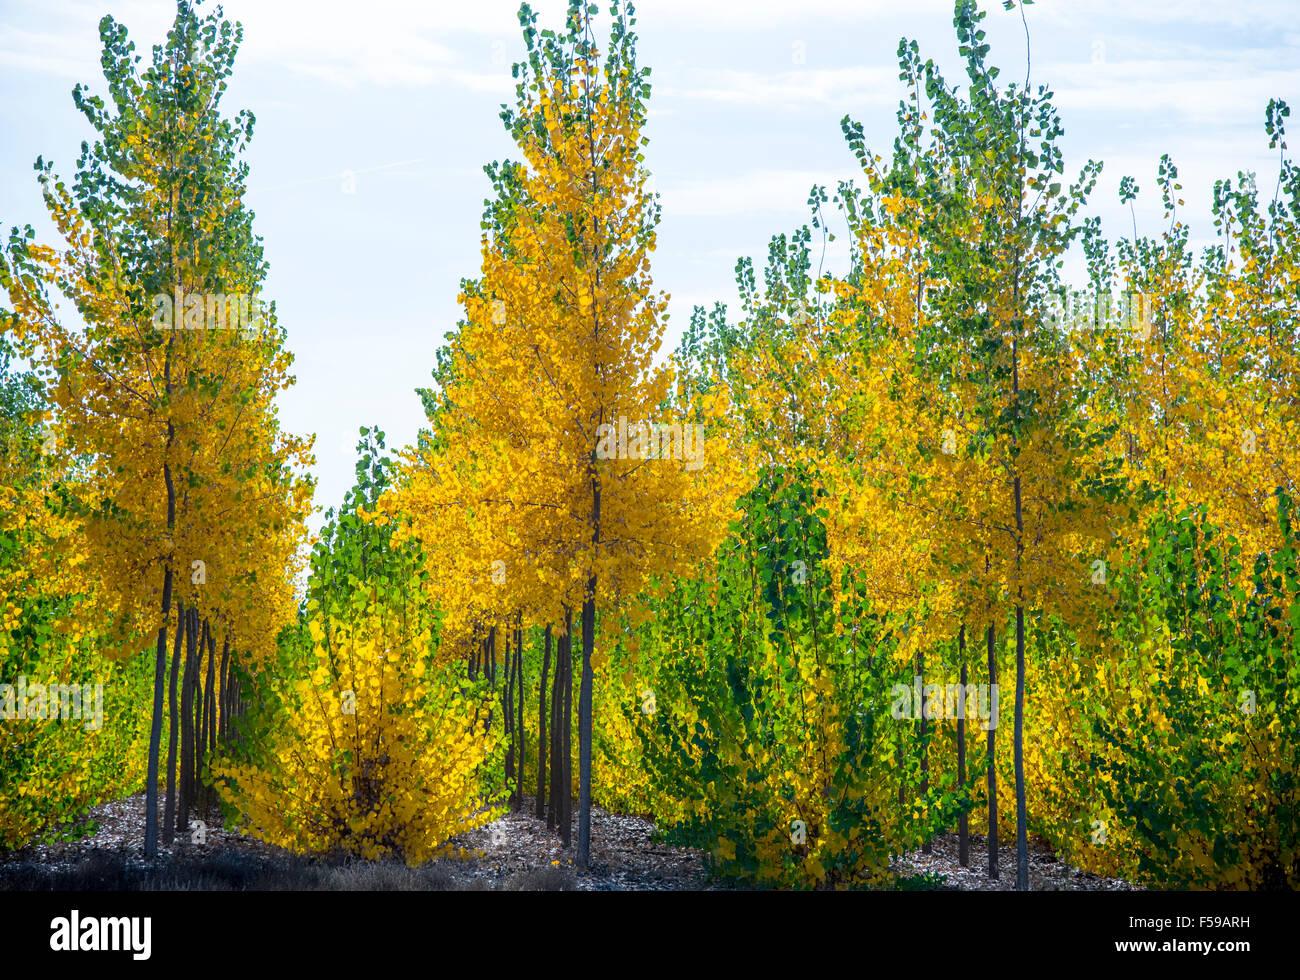 Boardman Baumschule. Schönen Herbstfarben shinning durch Hybrid-Pappel Bäume im Herbst. Oregon Stockfoto